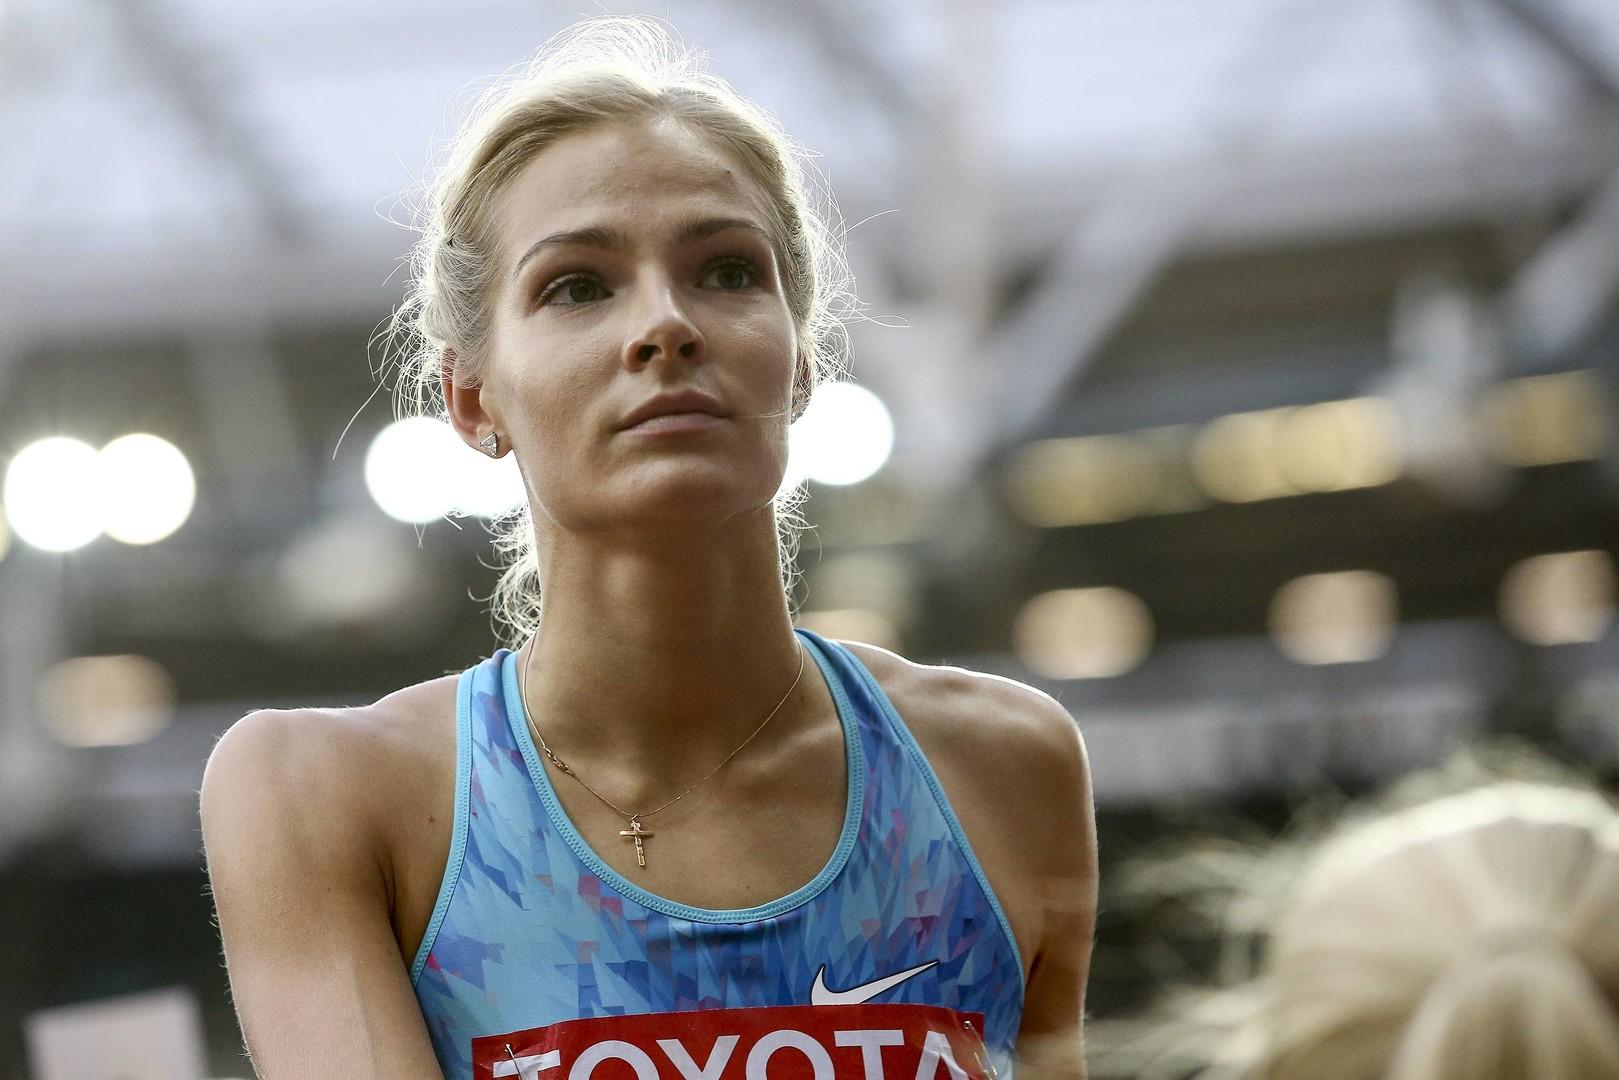 В двойном размере: Клишина и Пронкин завоевали серебро на чемпионате мира по лёгкой атлетике